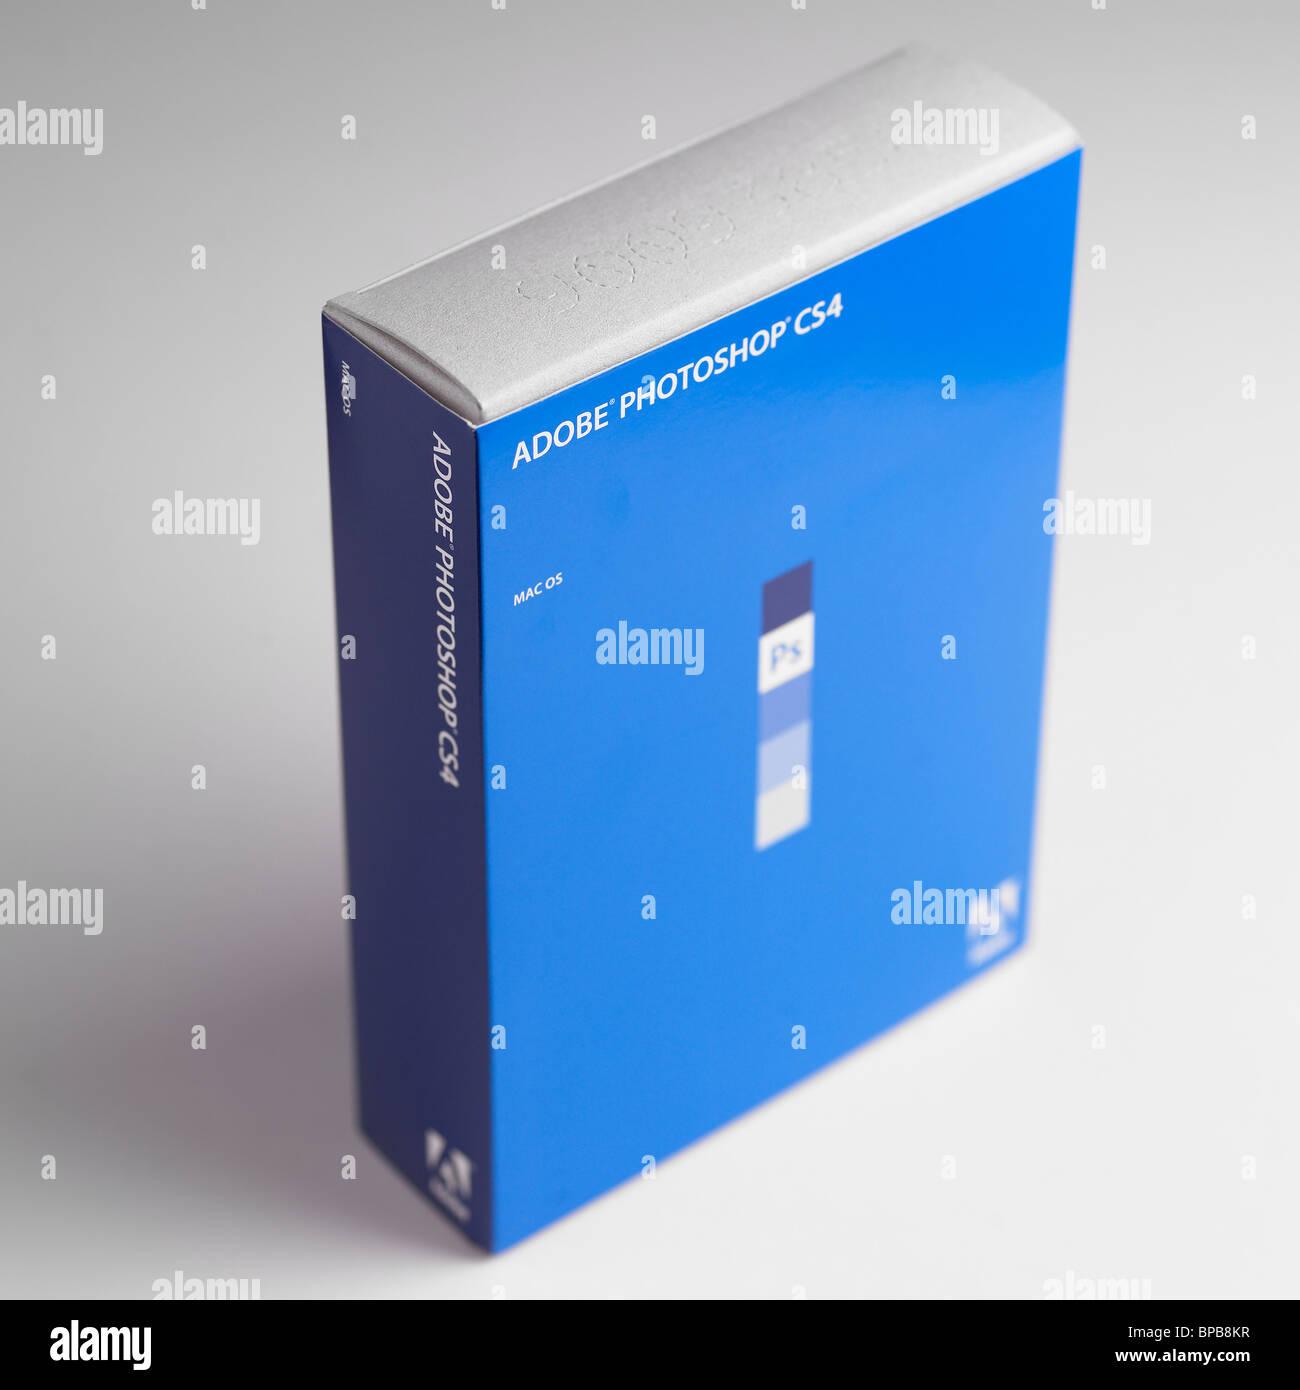 Adobe Photoshop CS4 - Stock Image